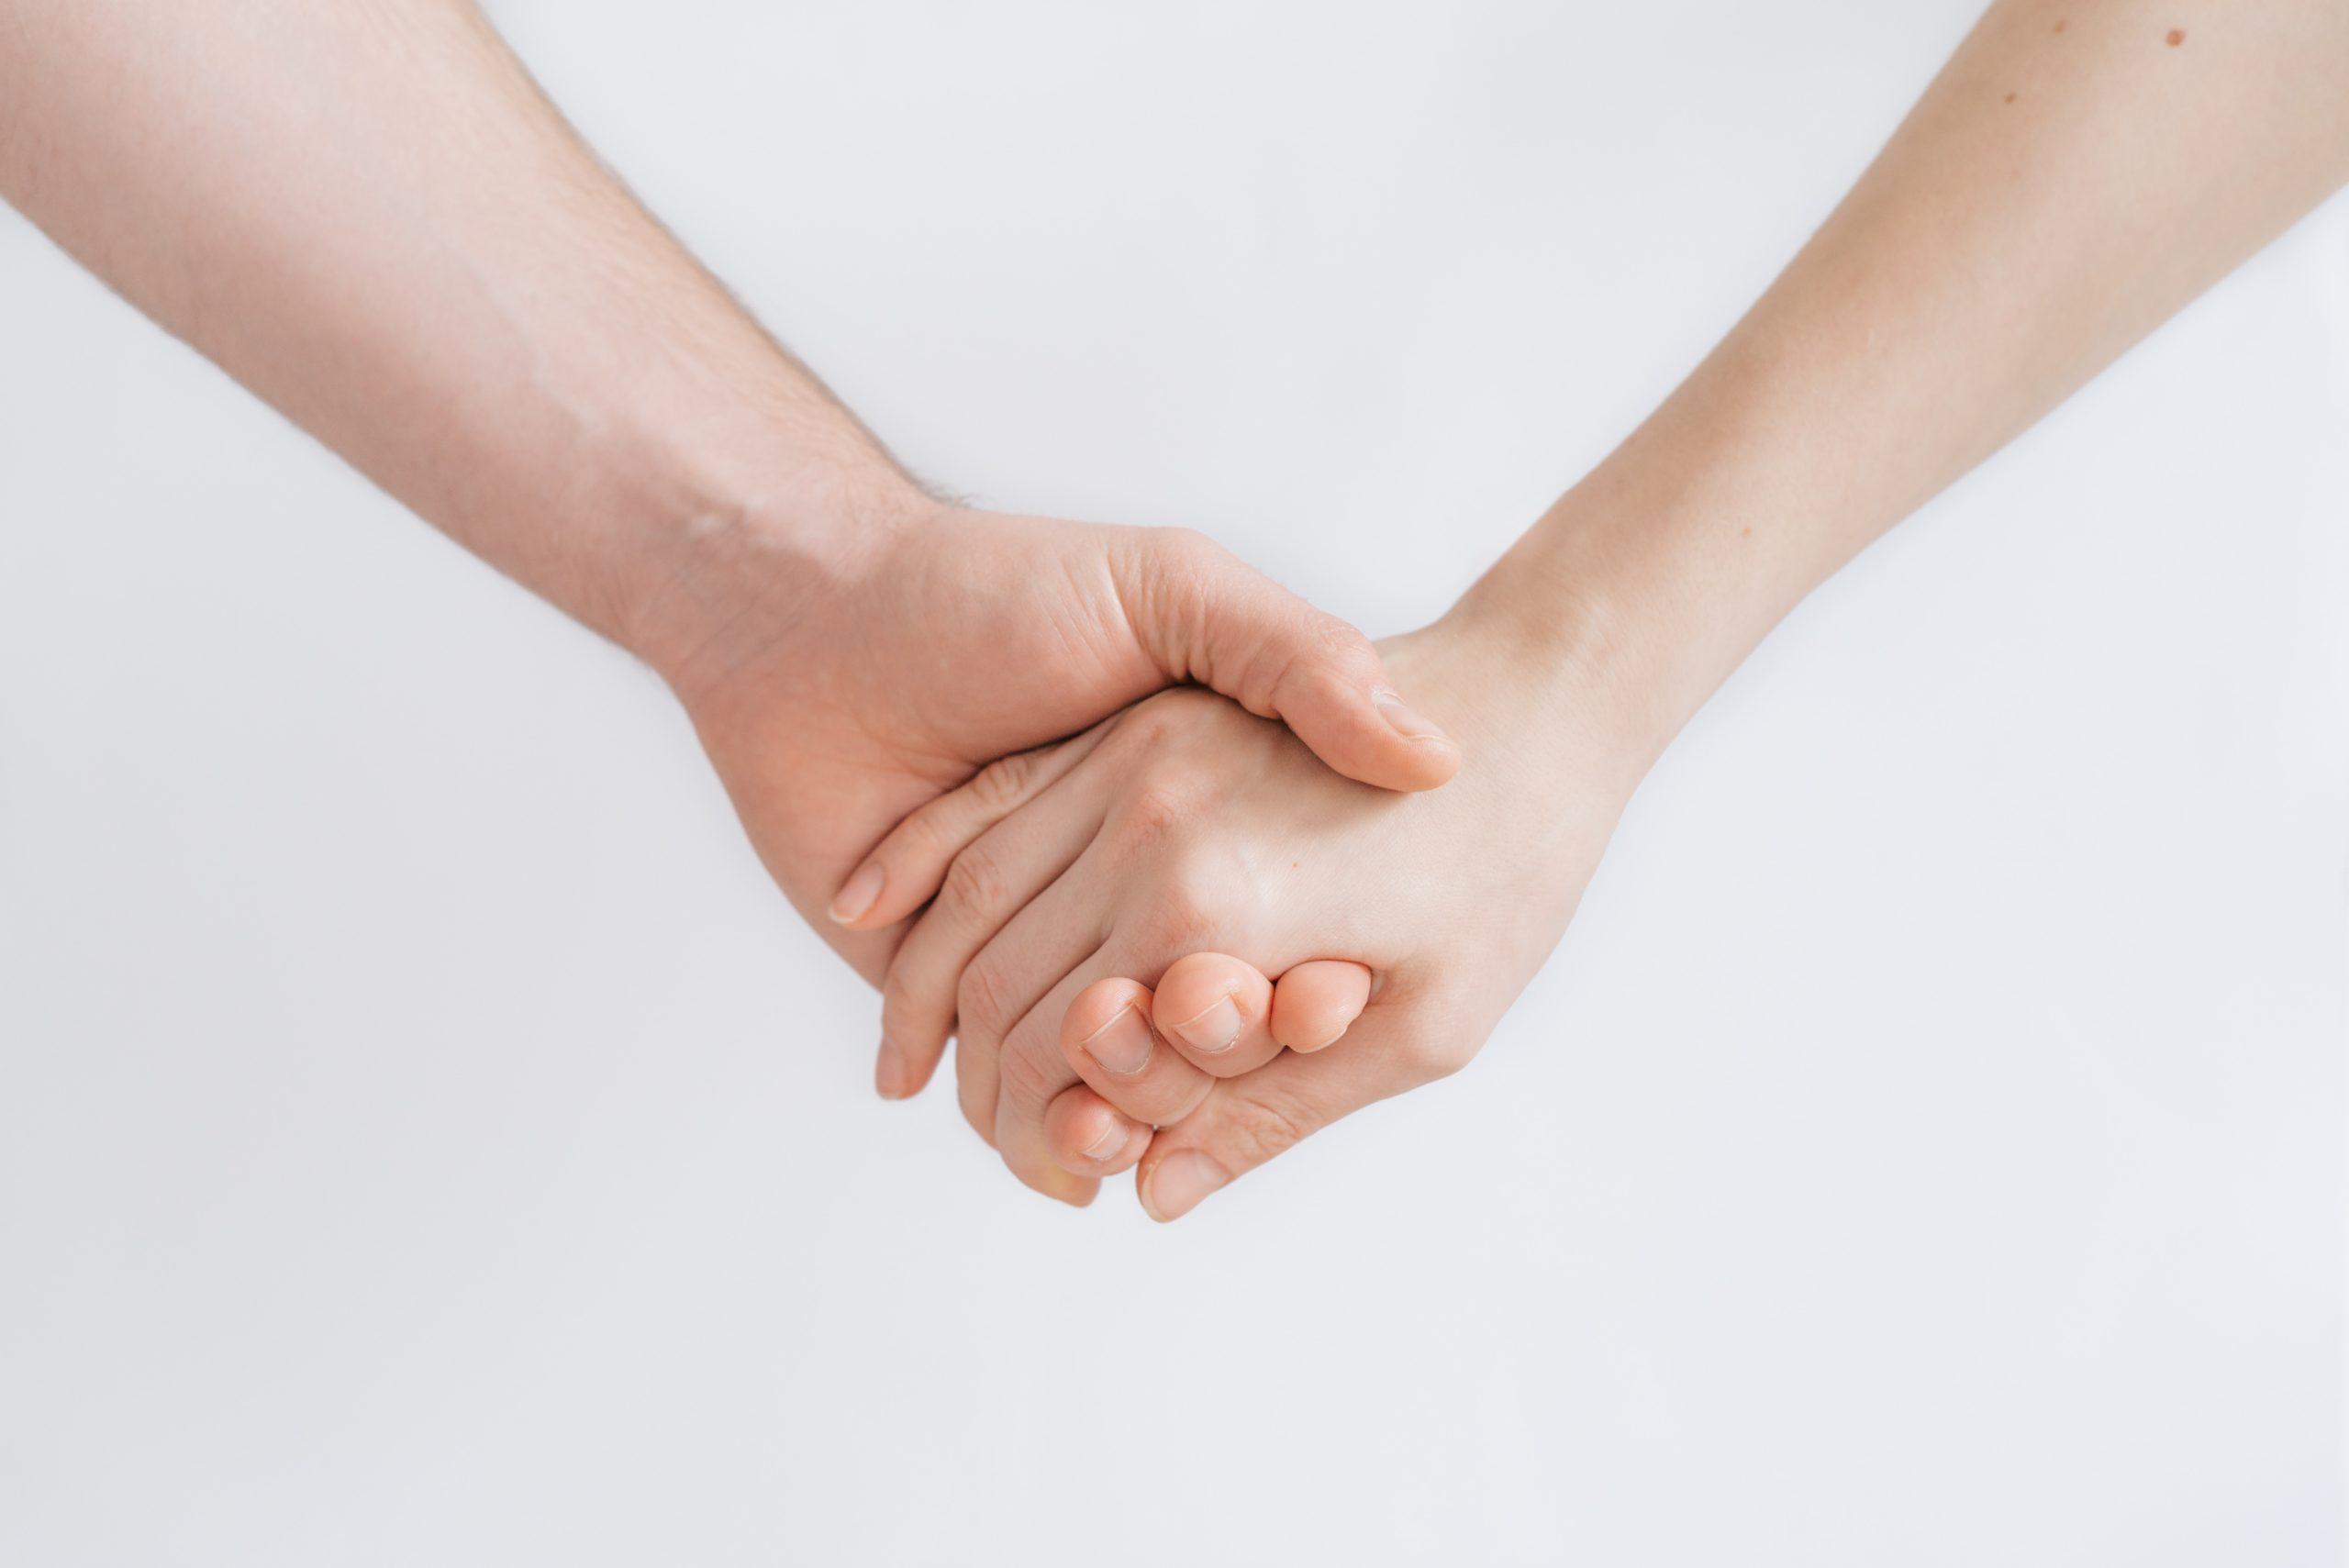 alliance thérapeutique